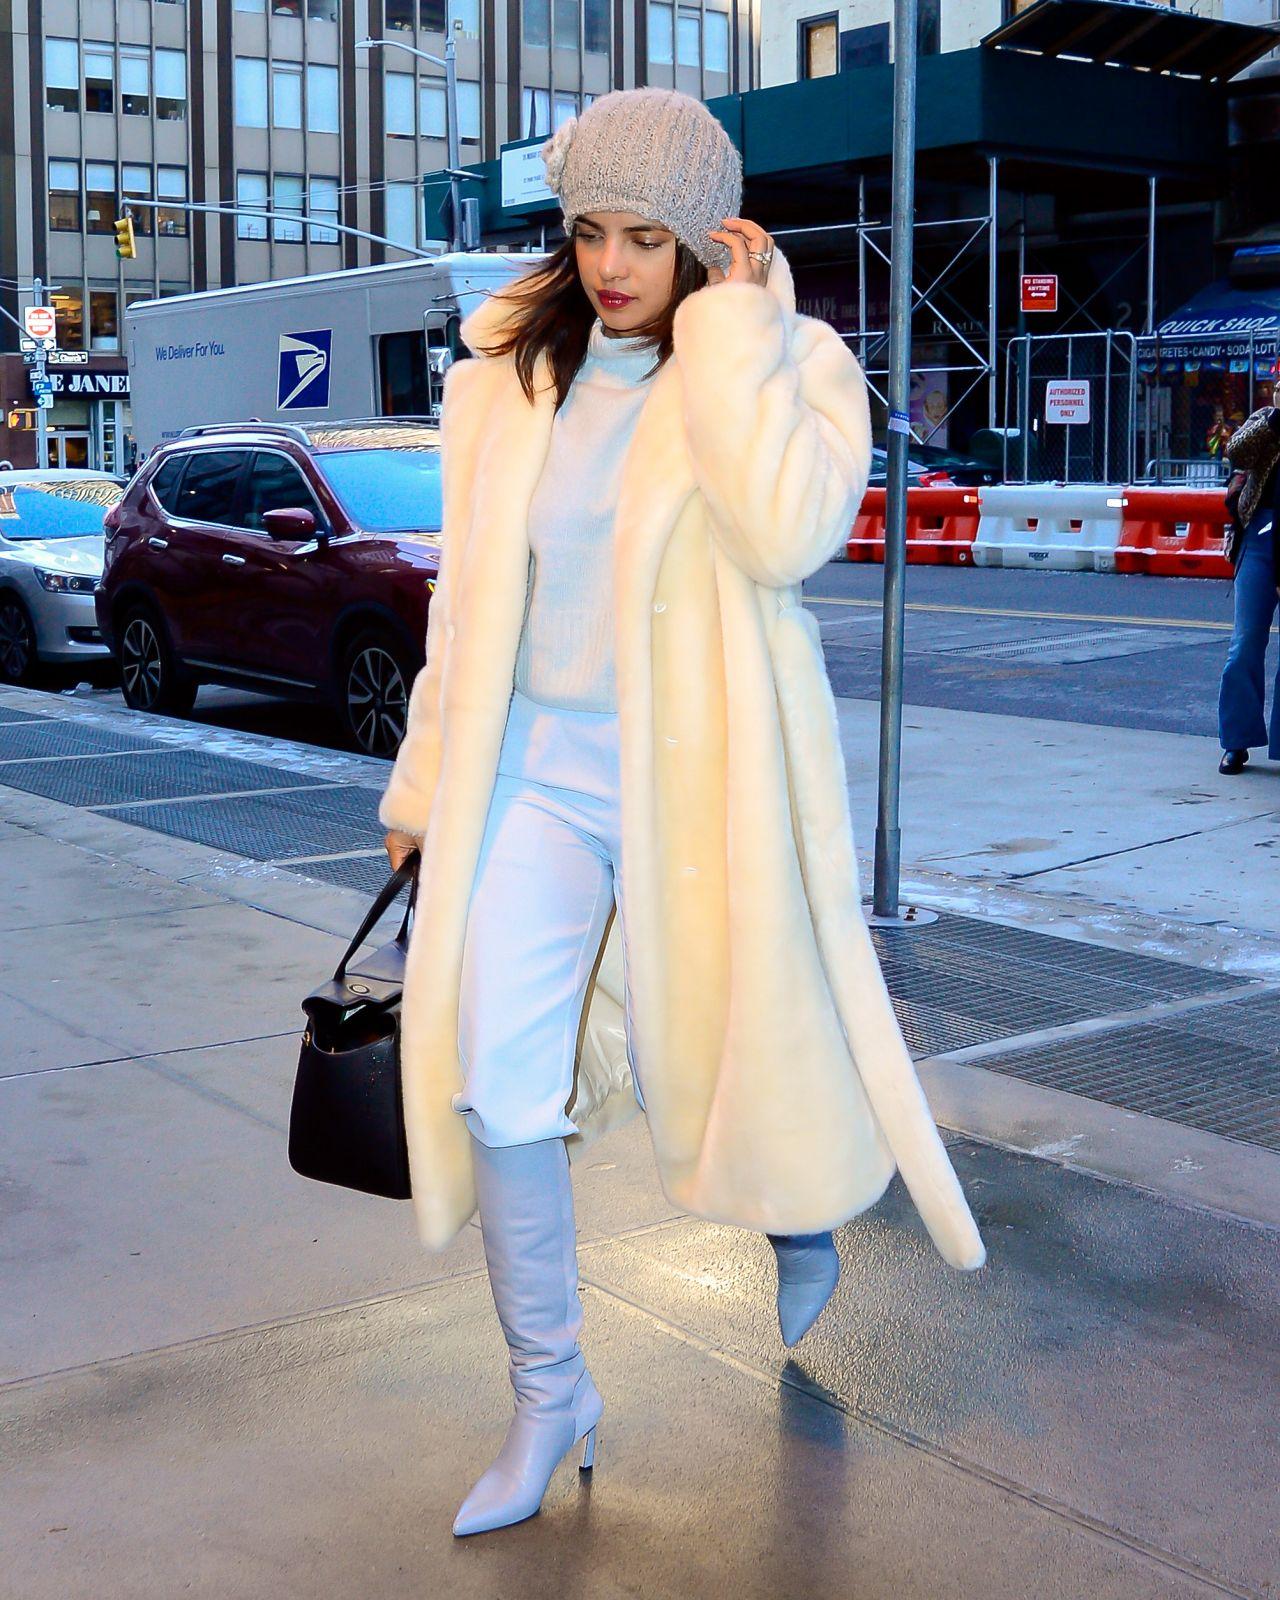 لوك شتوي في المعطف الأبيض نسقته بريانكا شوبرا